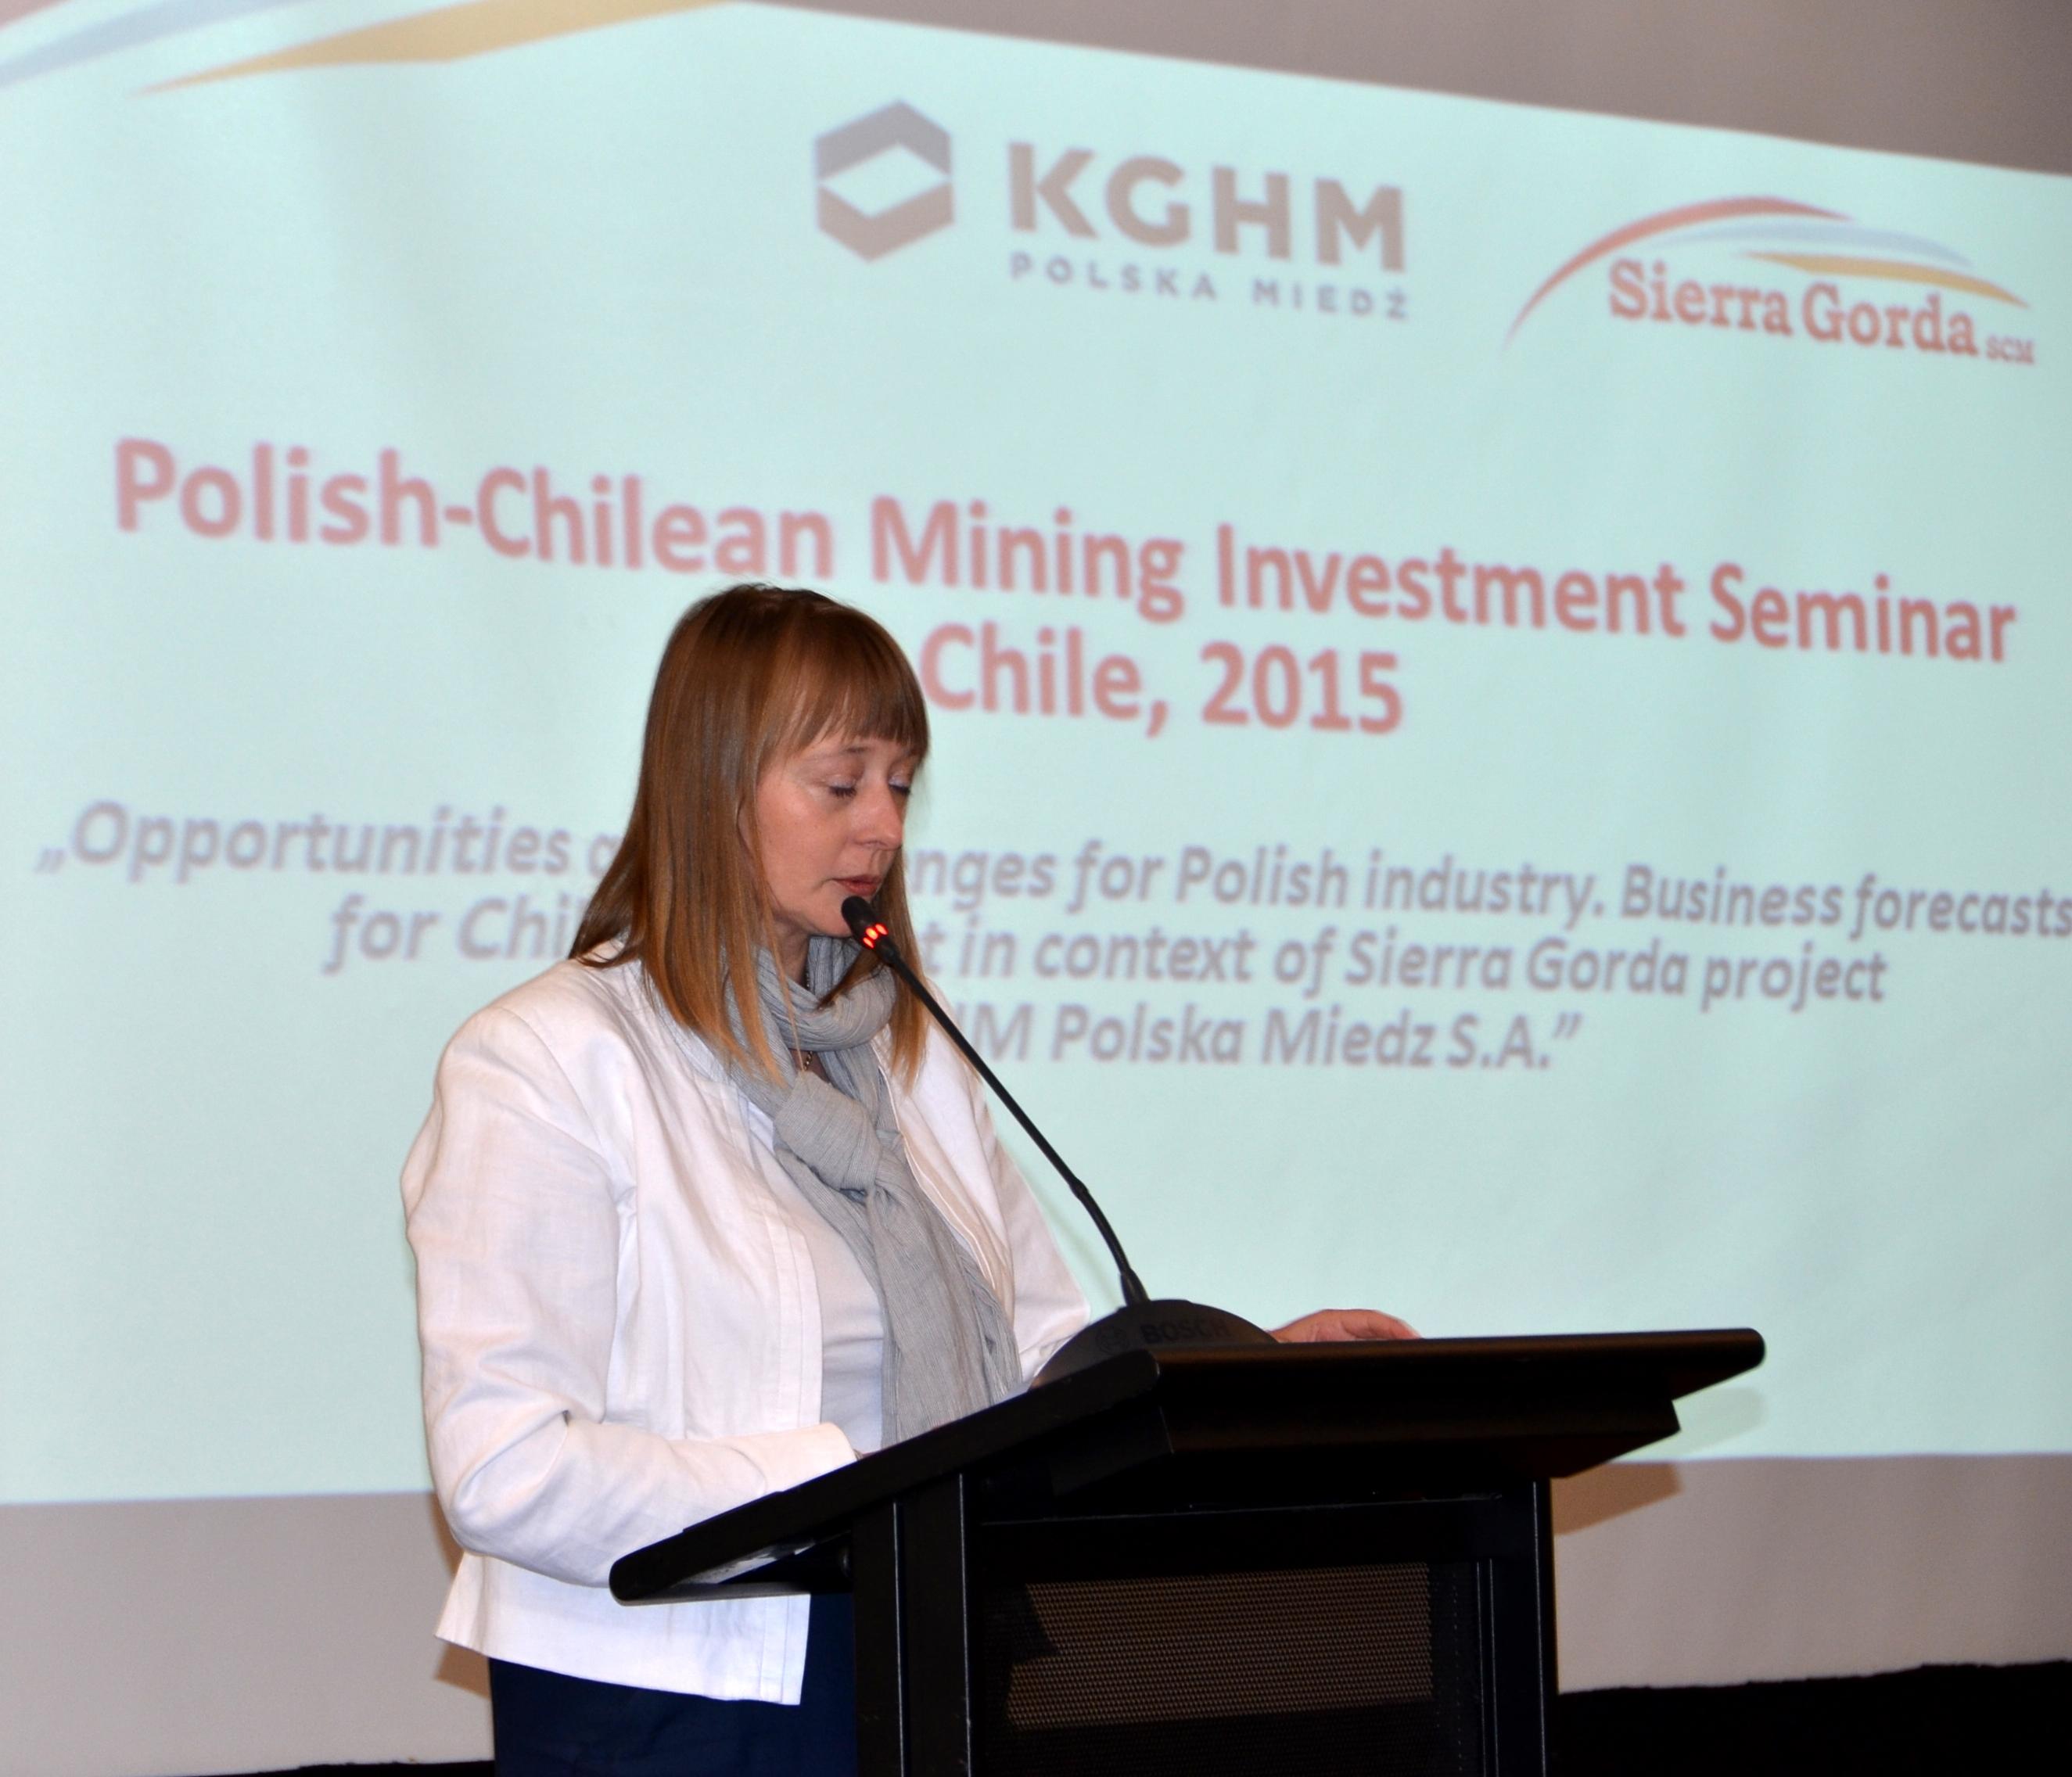 Aleksandra Piątkowska ambasador Polski w Chile